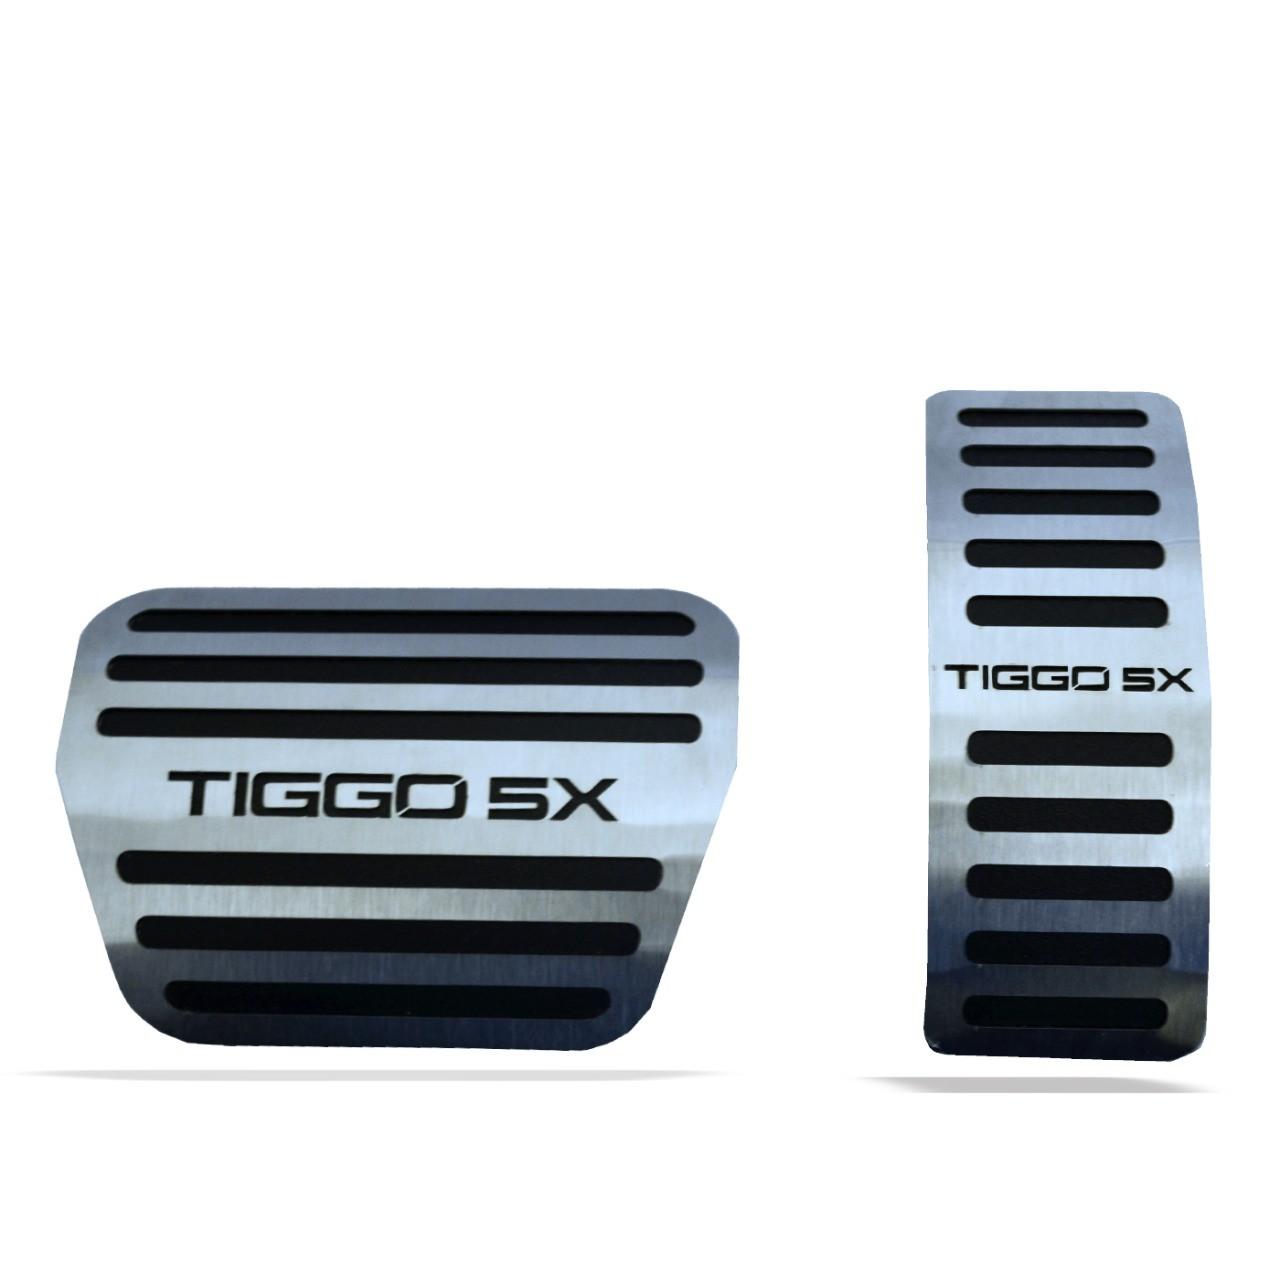 Soleira Resinada Premium Elegance + Descanso de Pé + Pedaleira em Aço Inox Tiggo 5X